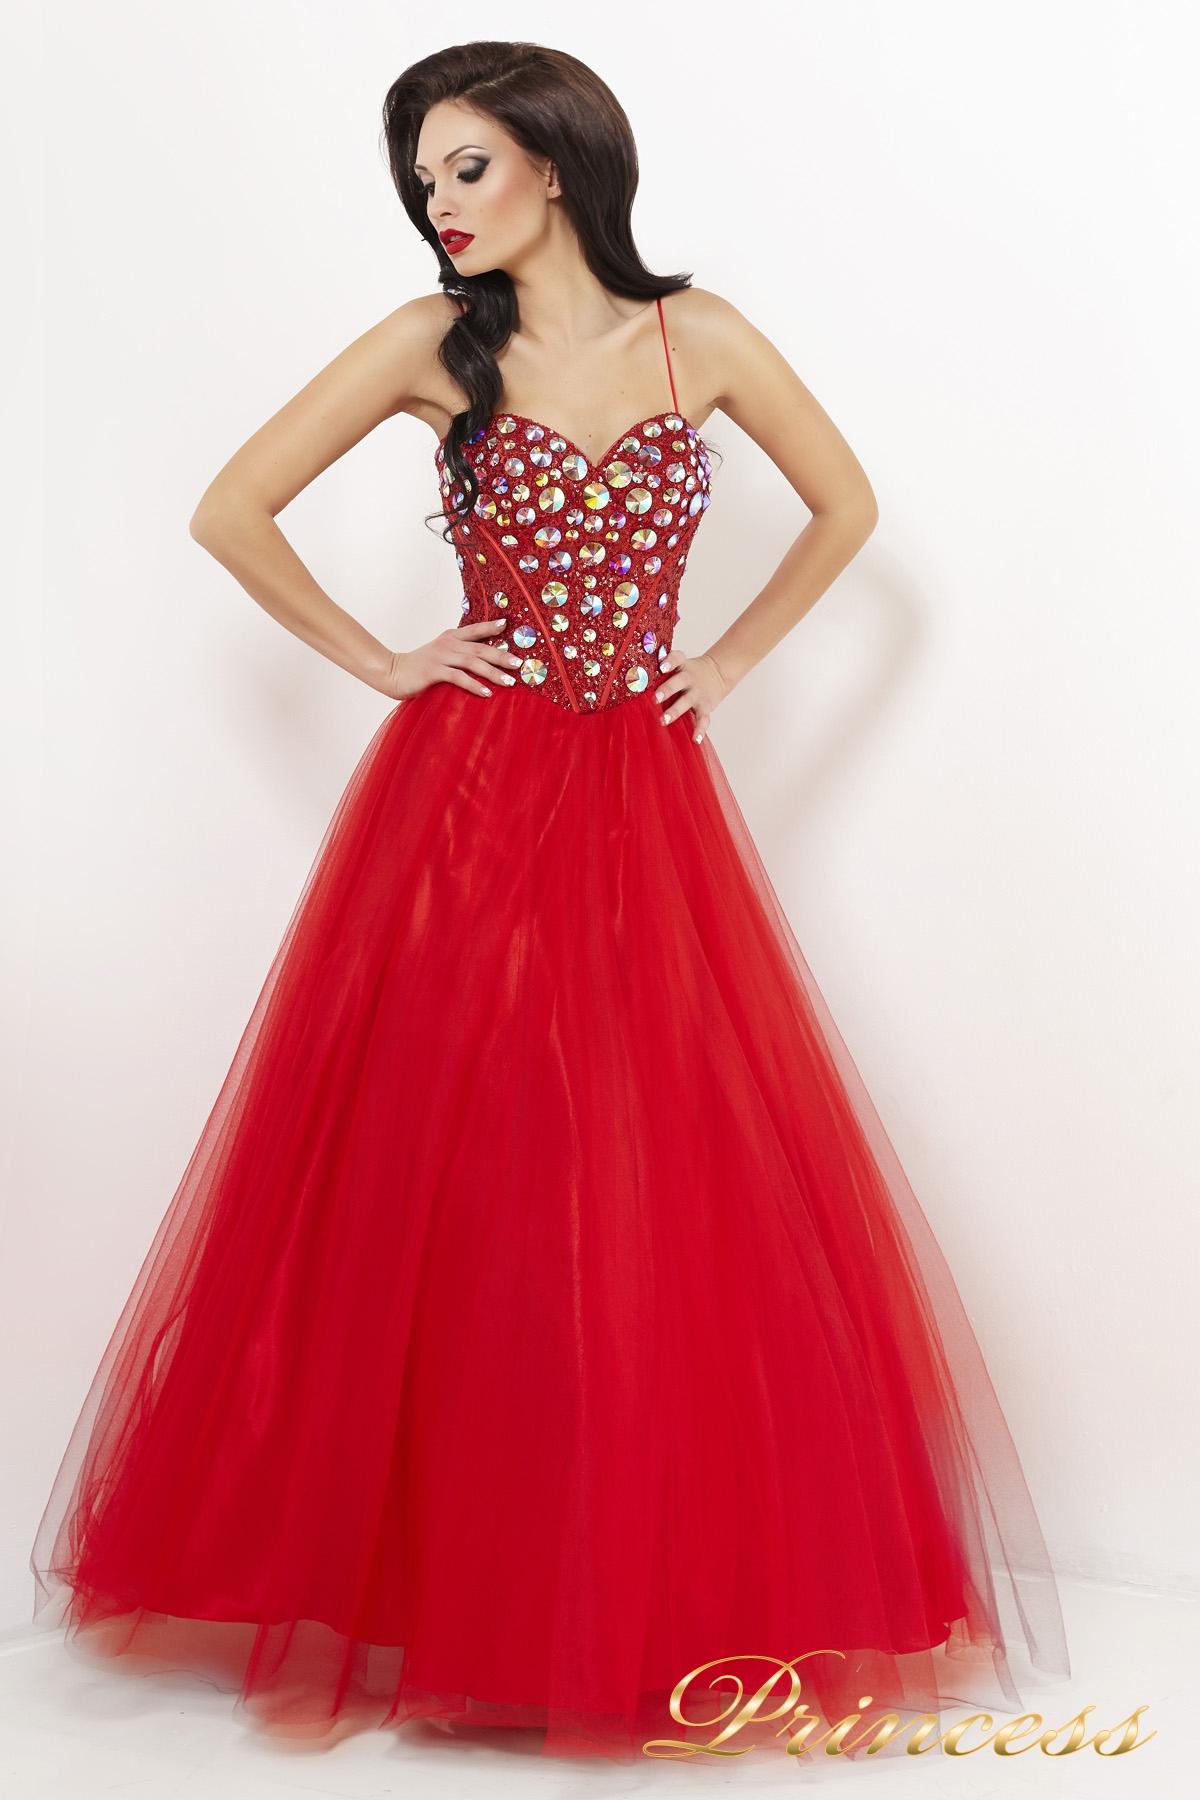 9dec922818c Купить вечернее платье пышное 23 красного цвета по цене 0 руб. в ...